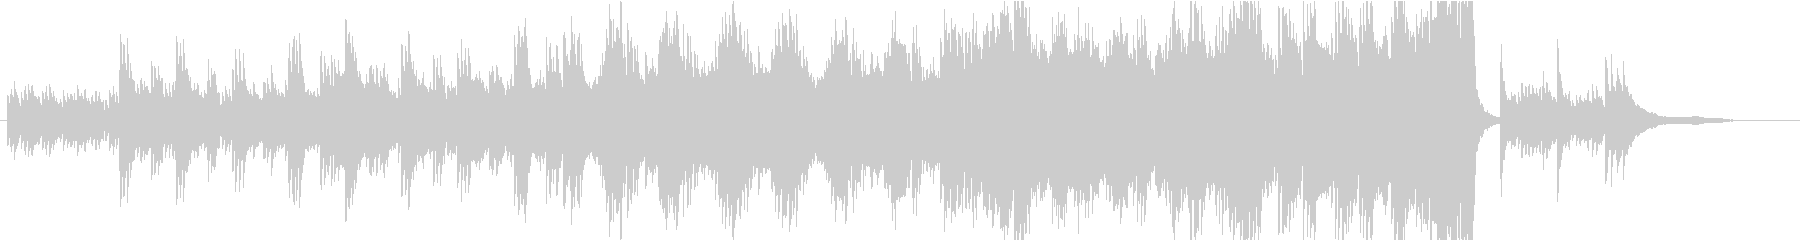 CM】エレガントで落ち着きのあるピアノの未再生の波形